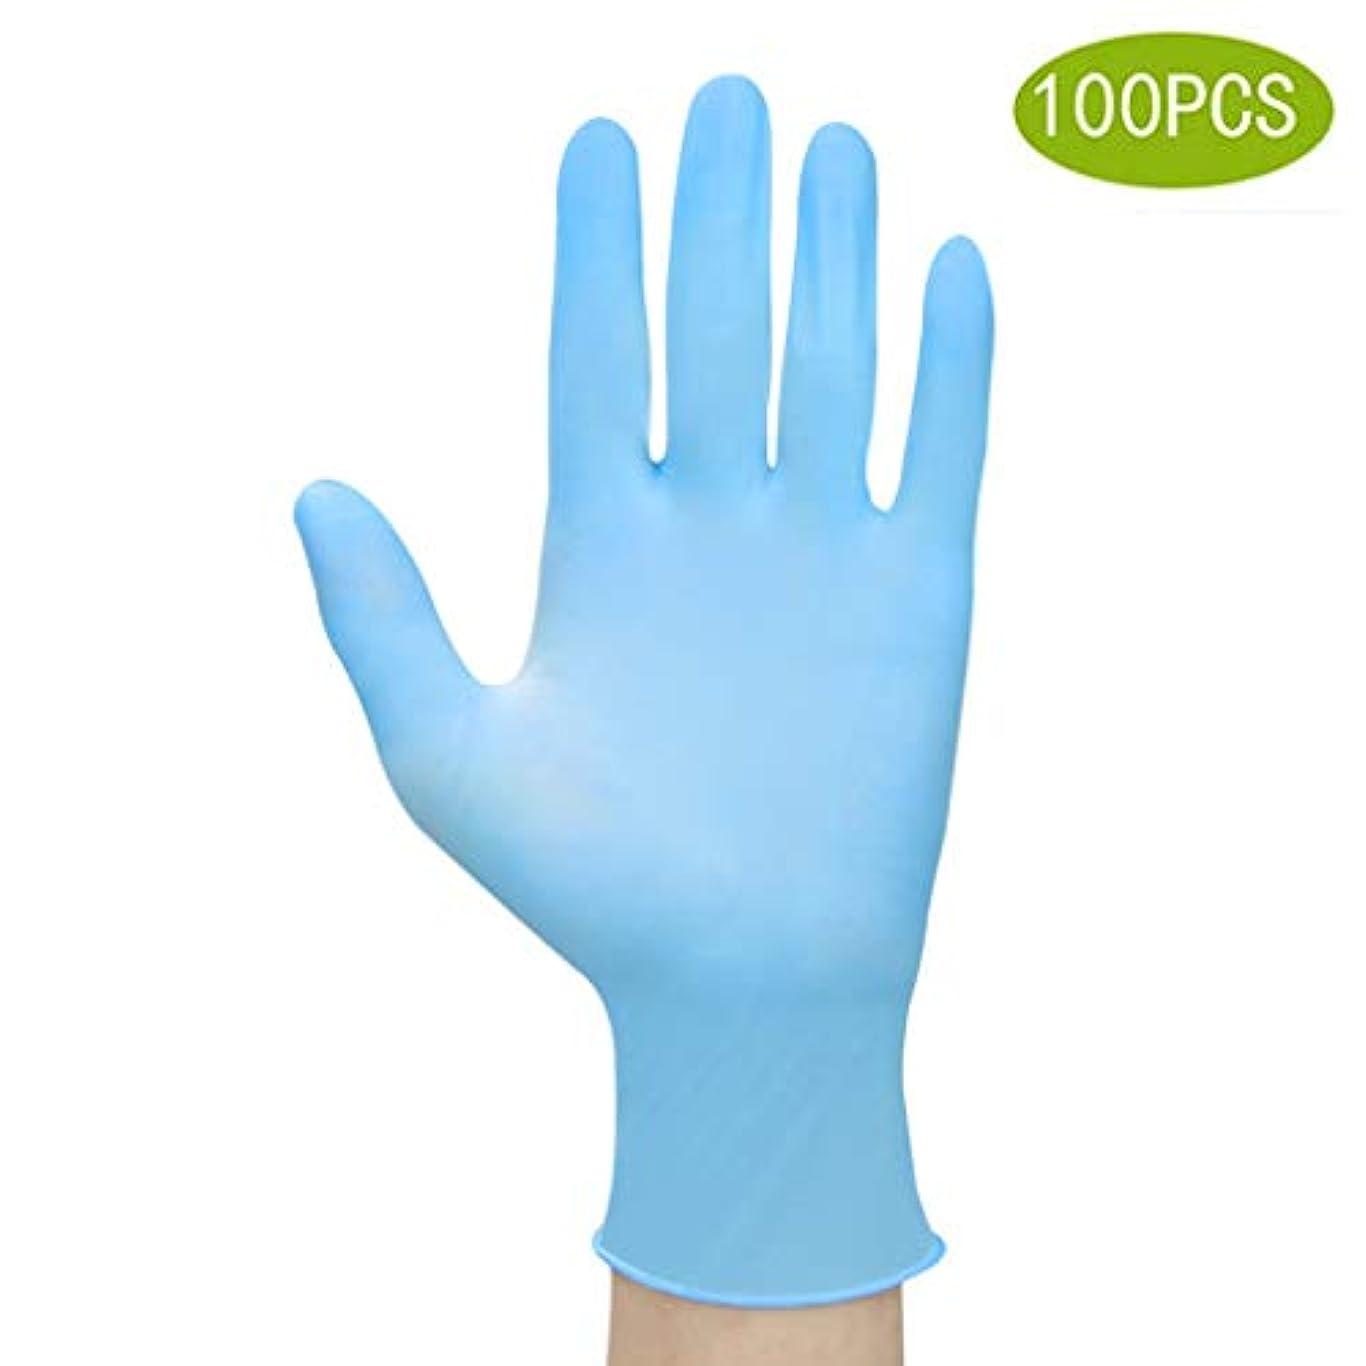 ドリンク奇妙な必要性応急処置用品クリーンルーム、クラスニトリル手袋、長さ12